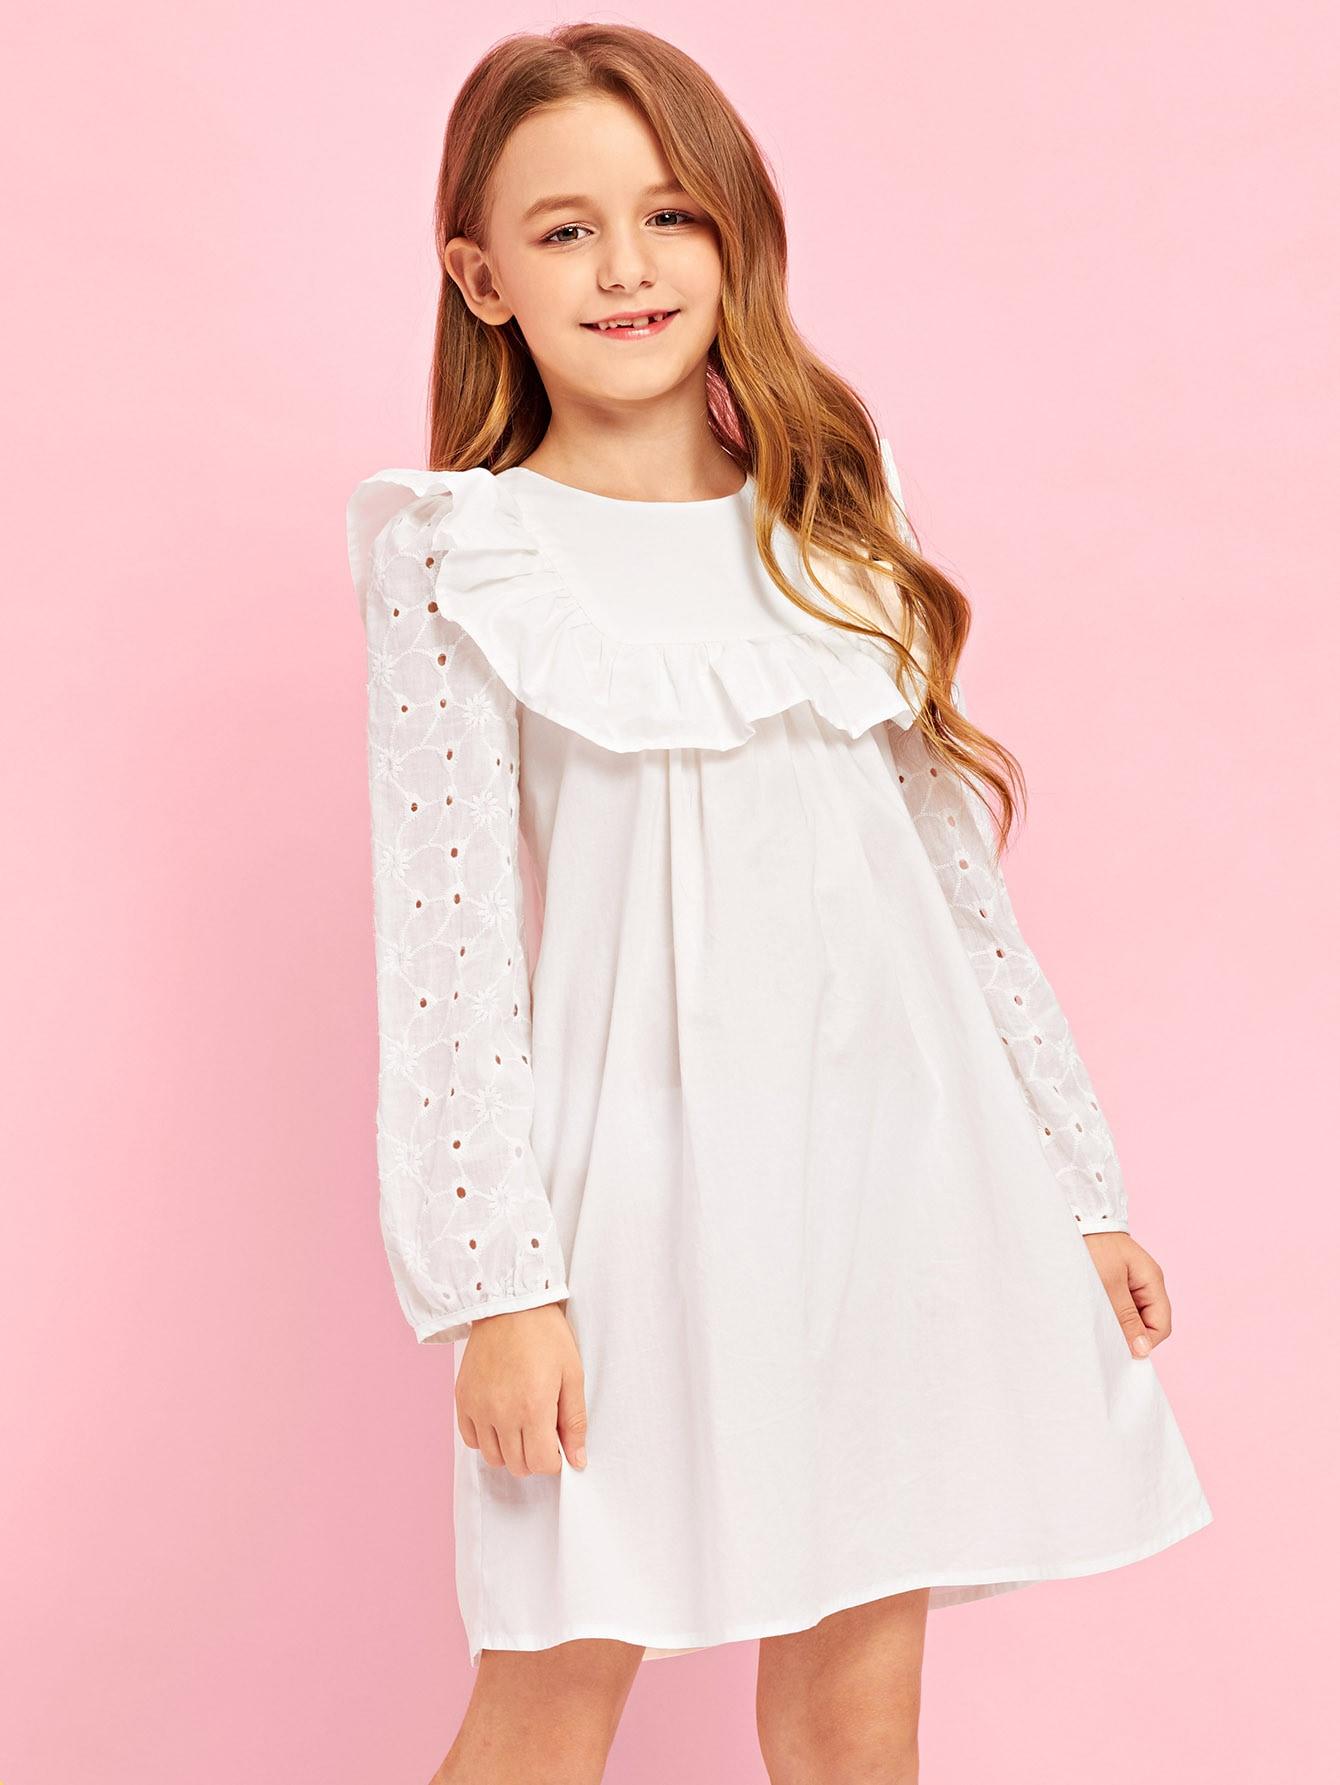 Купить Платье для девочек с вышивкой для девочек с вышивкой, Sashab, SheIn